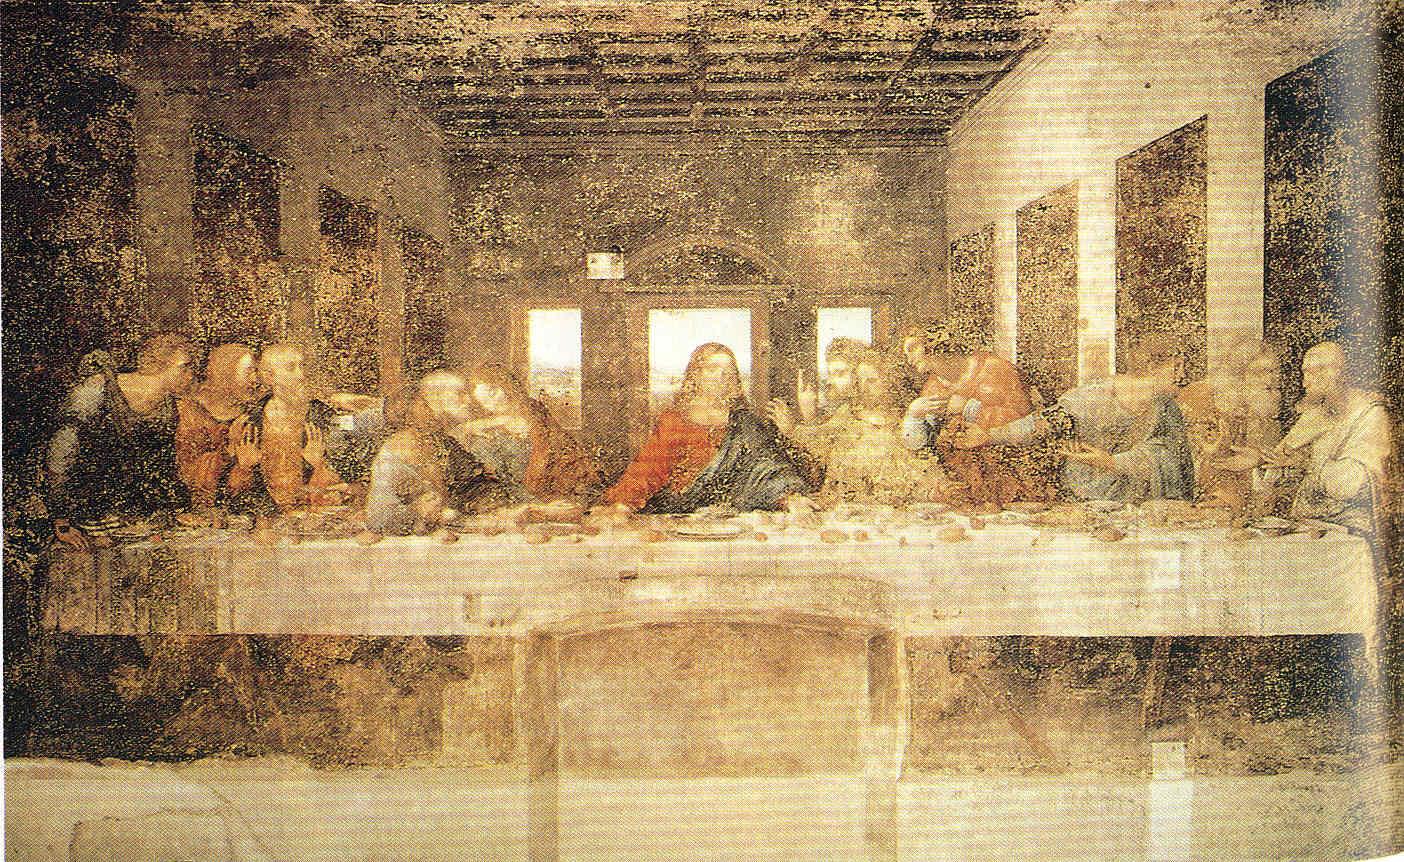 La Pintura 23 Rafael y Leonardo da Vinci